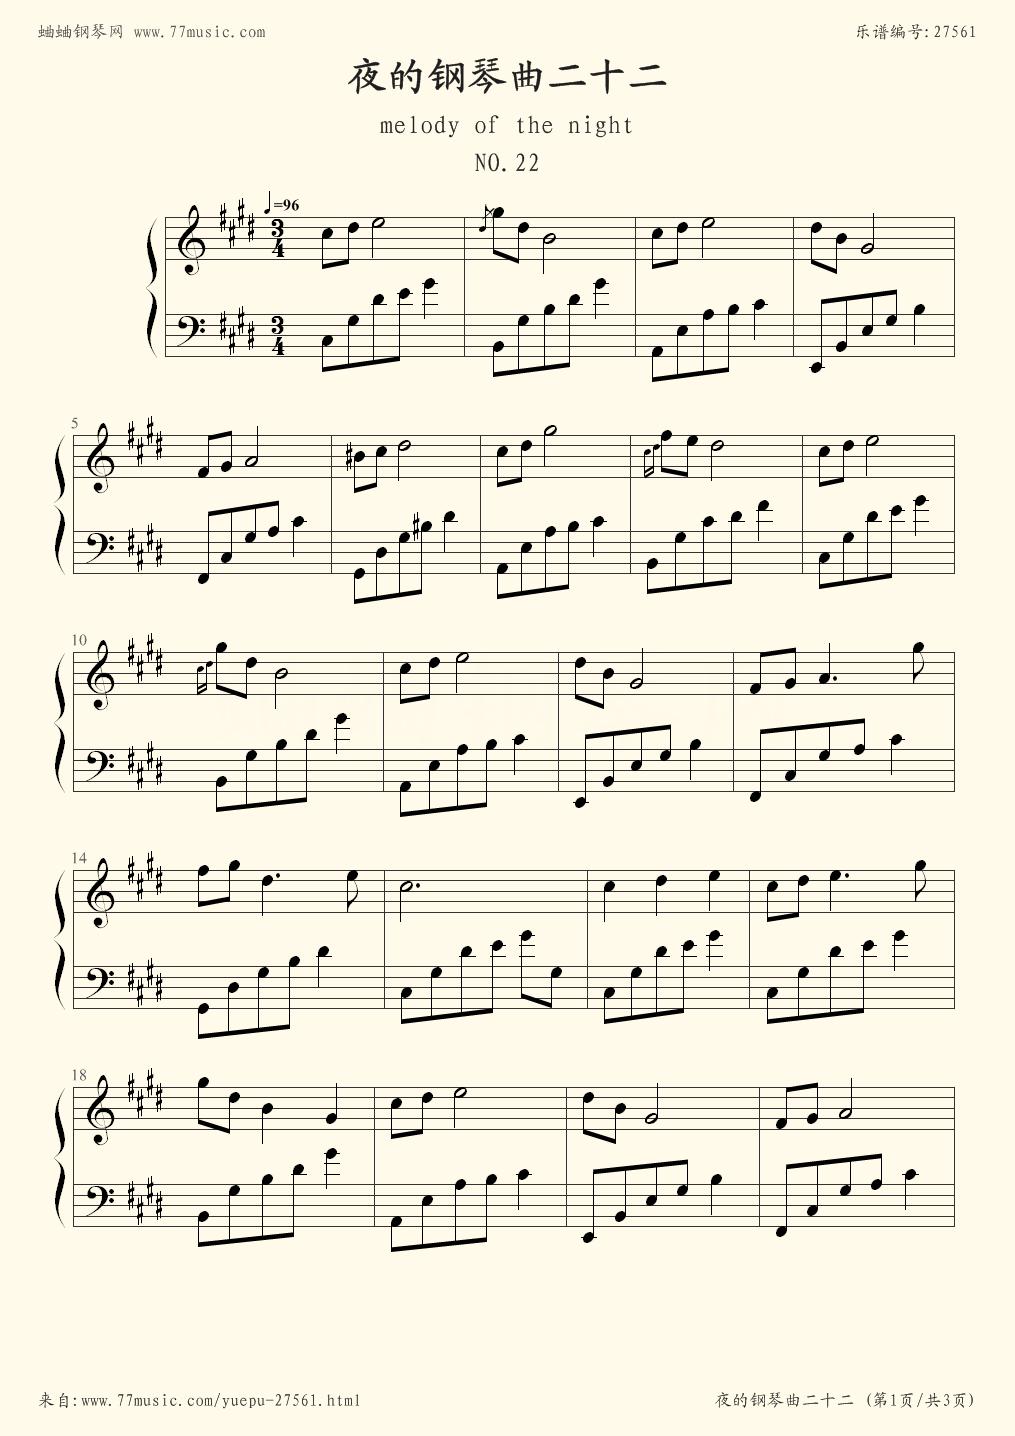 夜的钢琴曲二十二图片